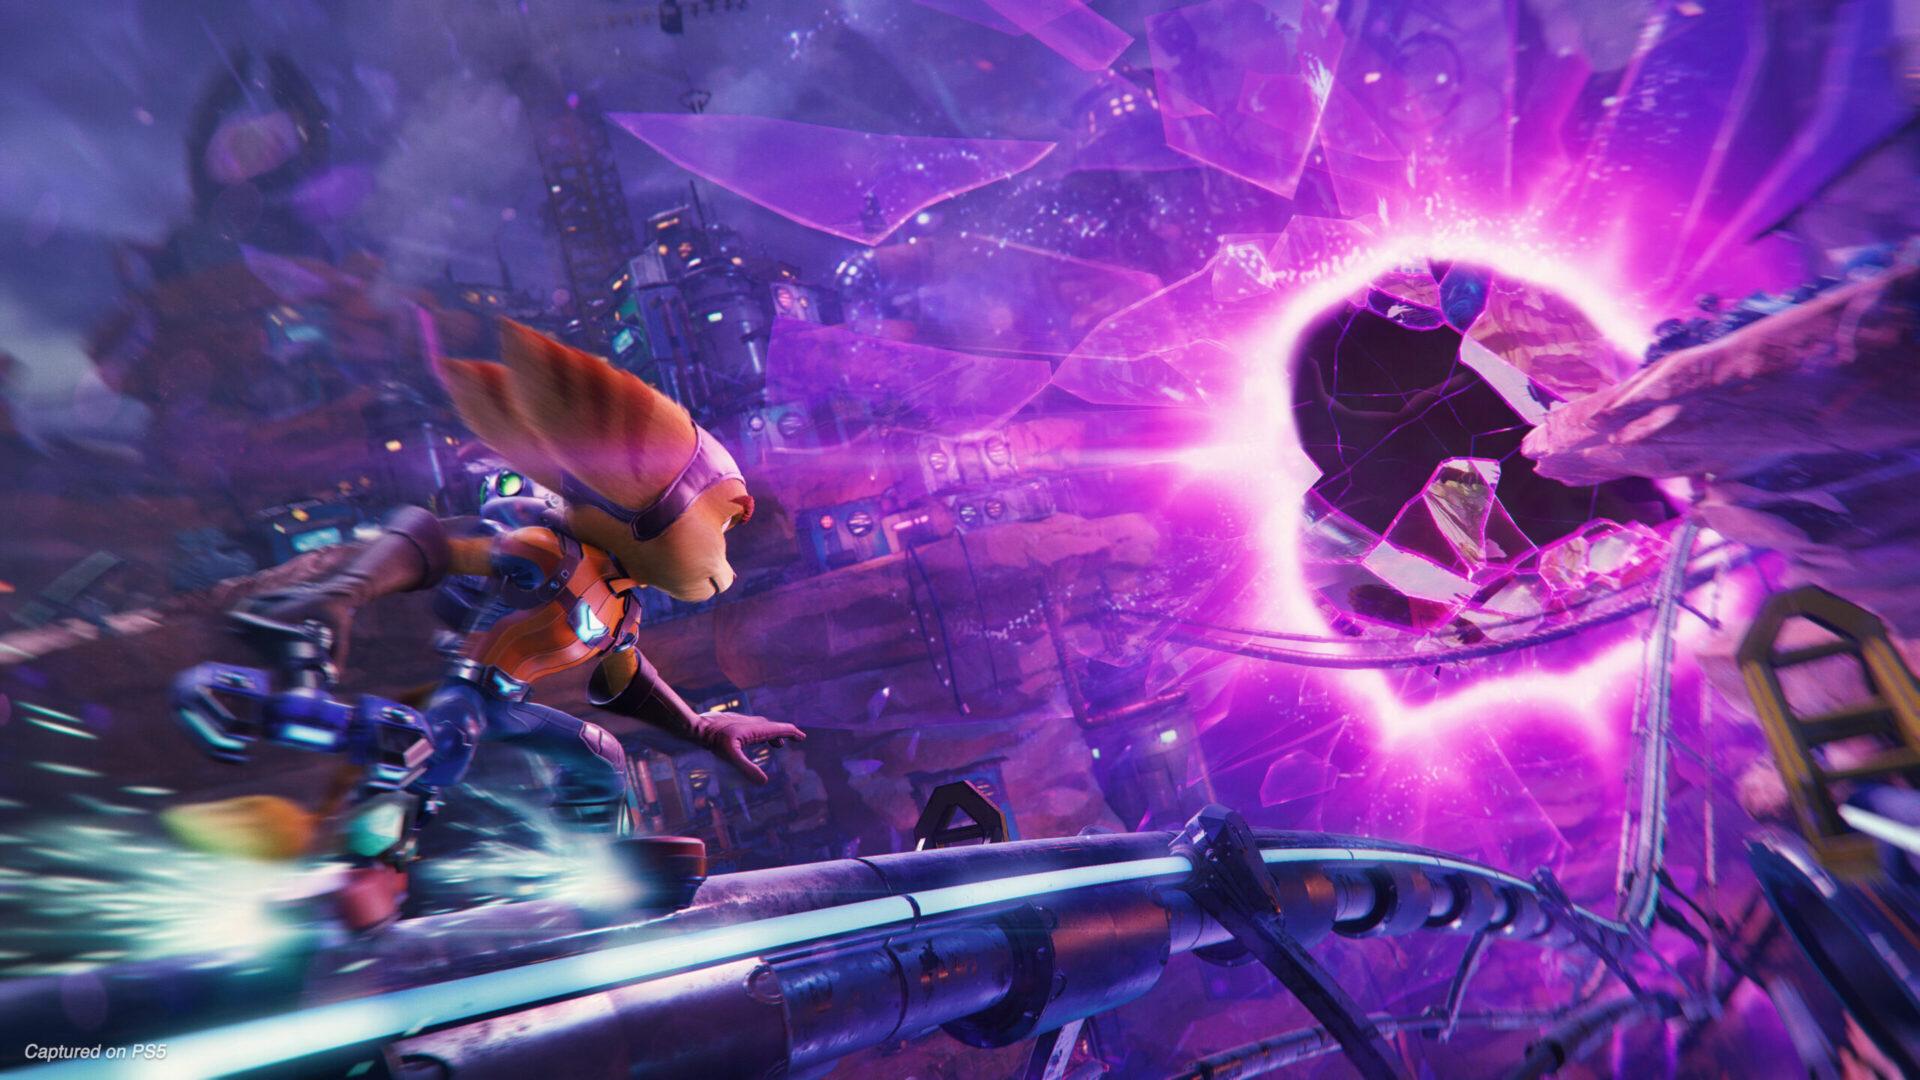 """Jogos: Sony revela novo trailer do PlayStation 5 destacando a """"imersão"""""""